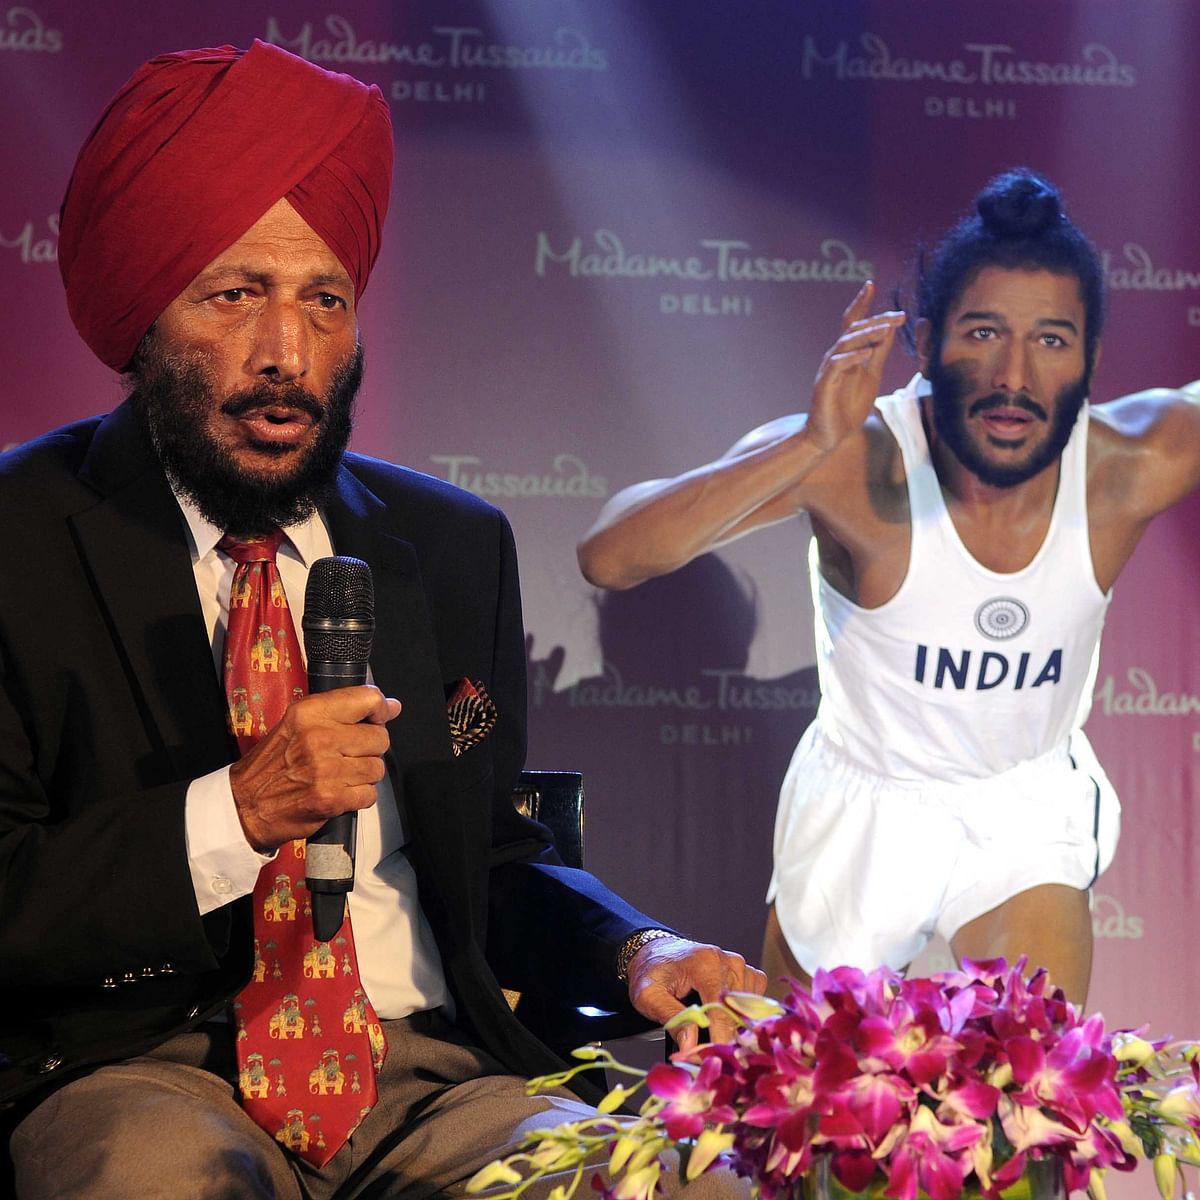 فلائنگ سکھ ملکھا سنگھ / Getty Images